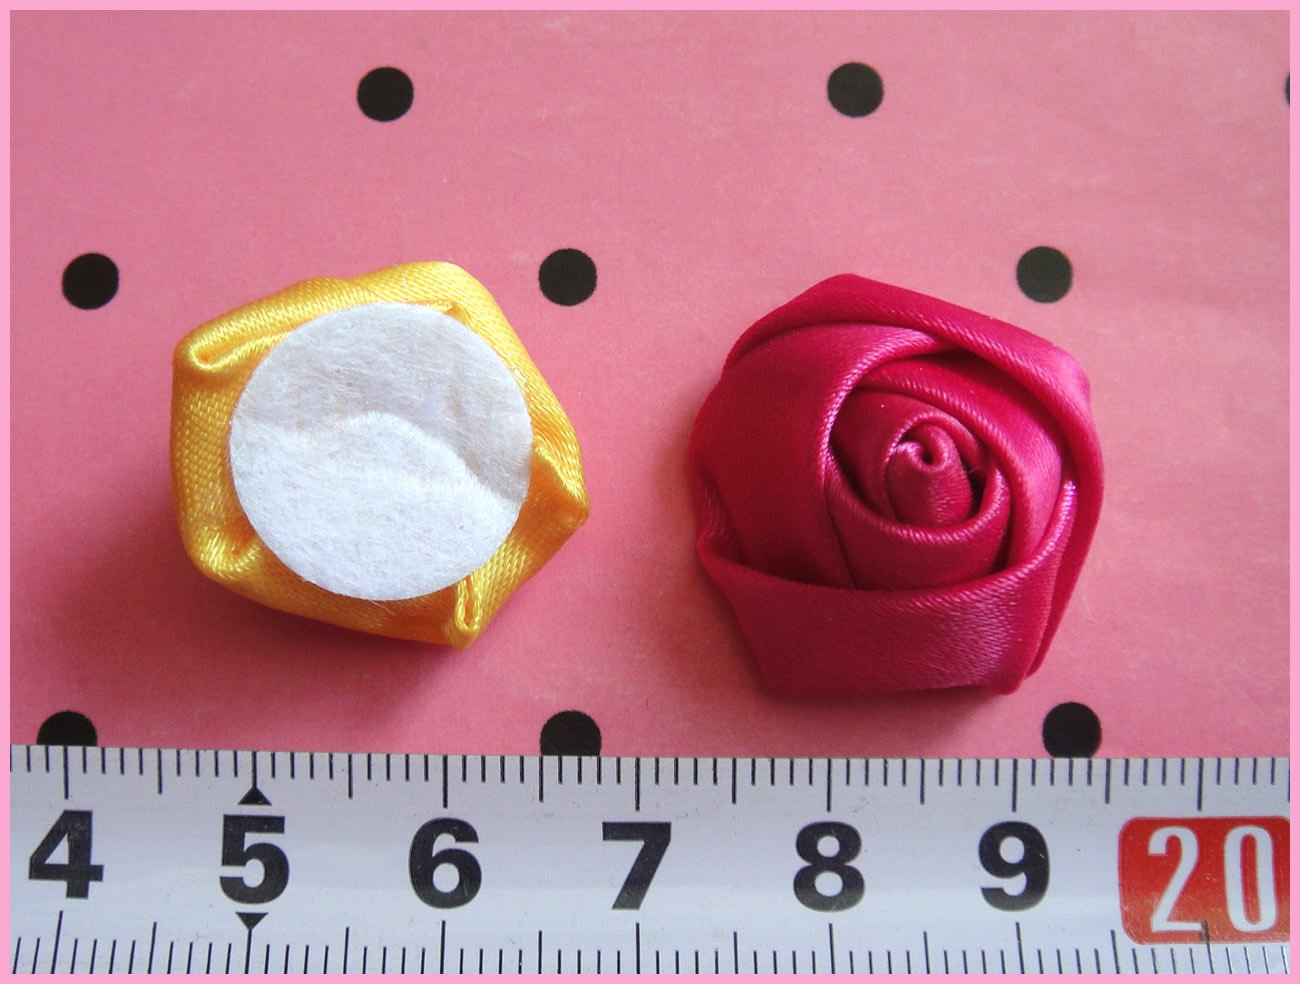 80 шт./партия, 2-2,5 см, смешанные цвета, сатин, милый розовый цветок, Аппликации для одежды, аксессуары и украшения для волос для девочек